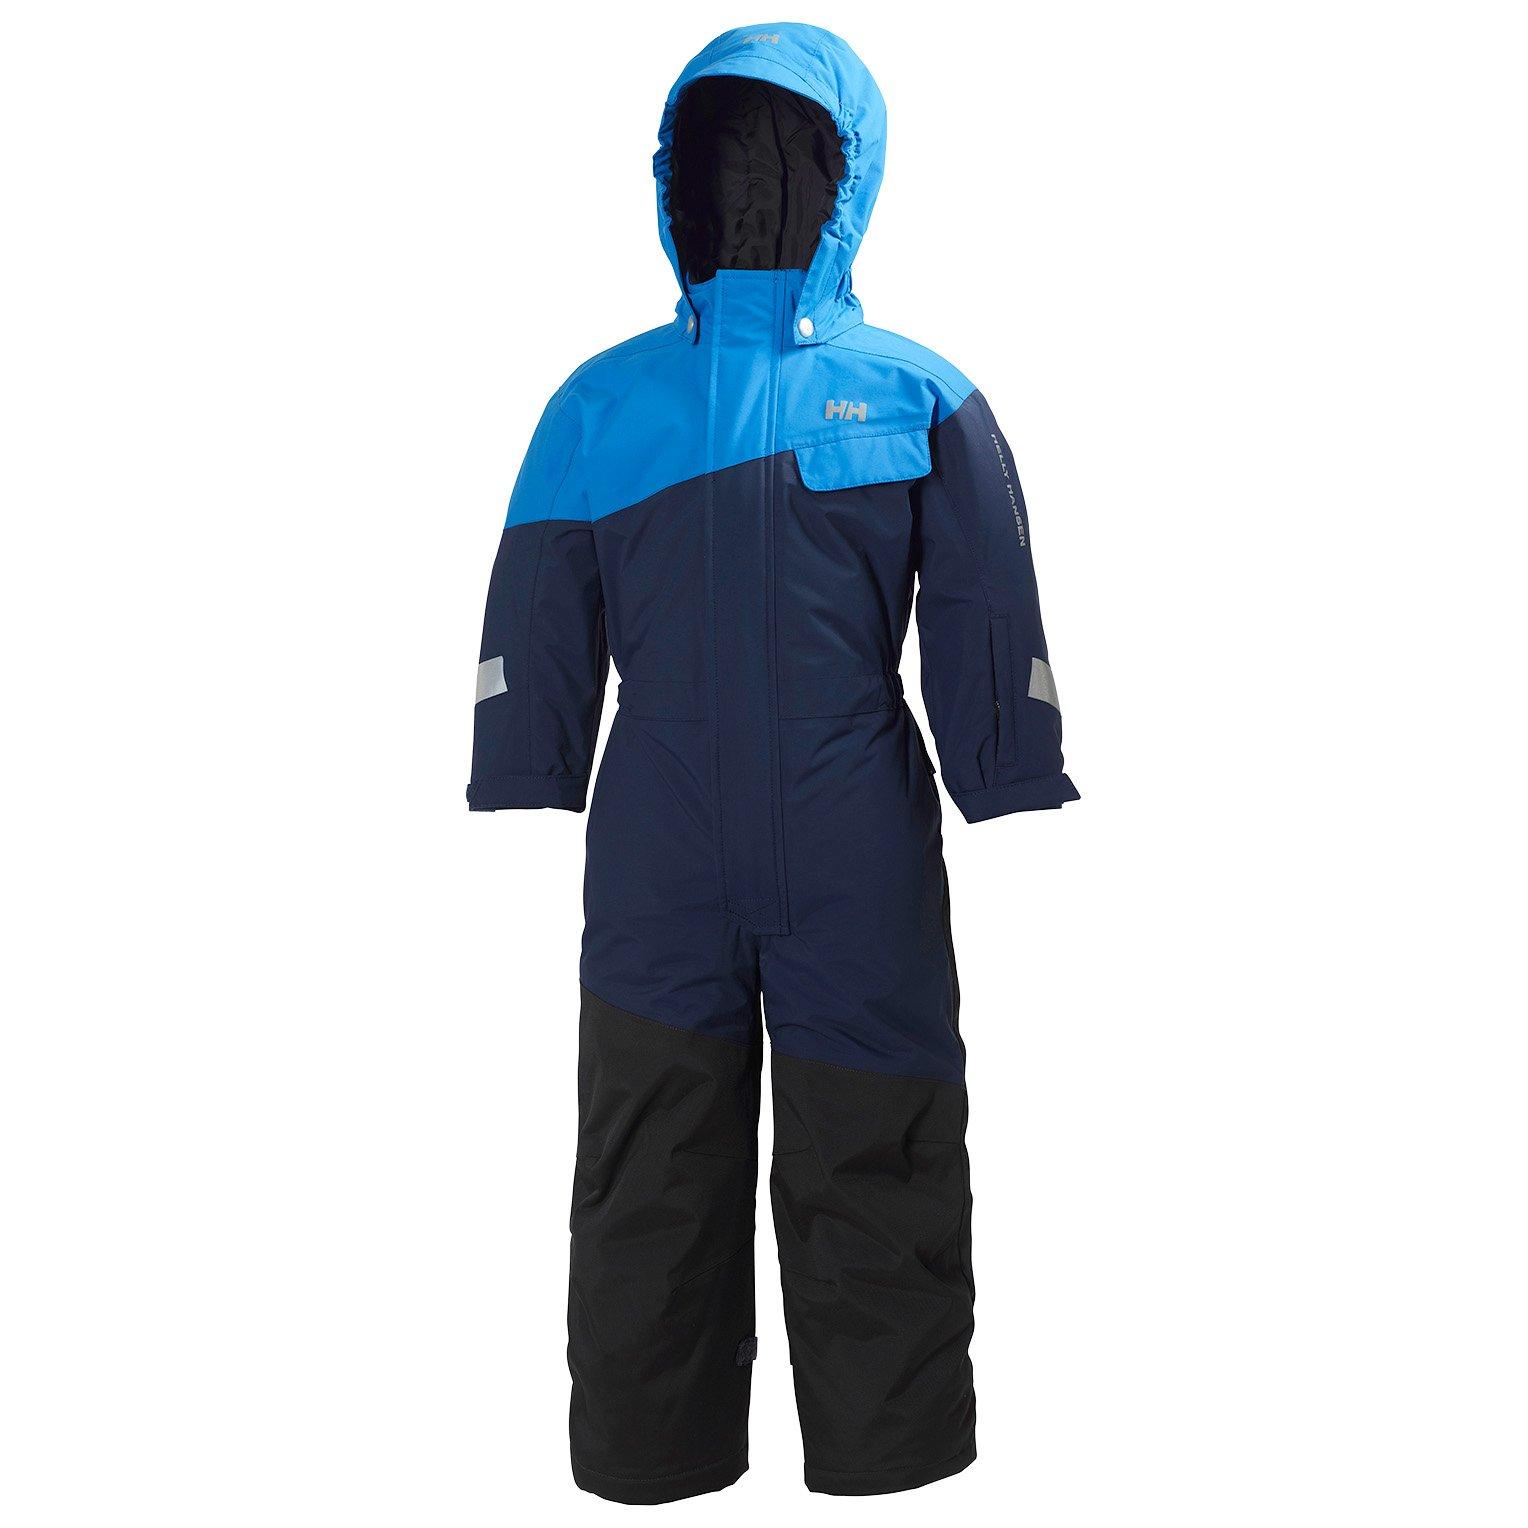 Helly Hansen Kid's Rider Insulated Ski Suit